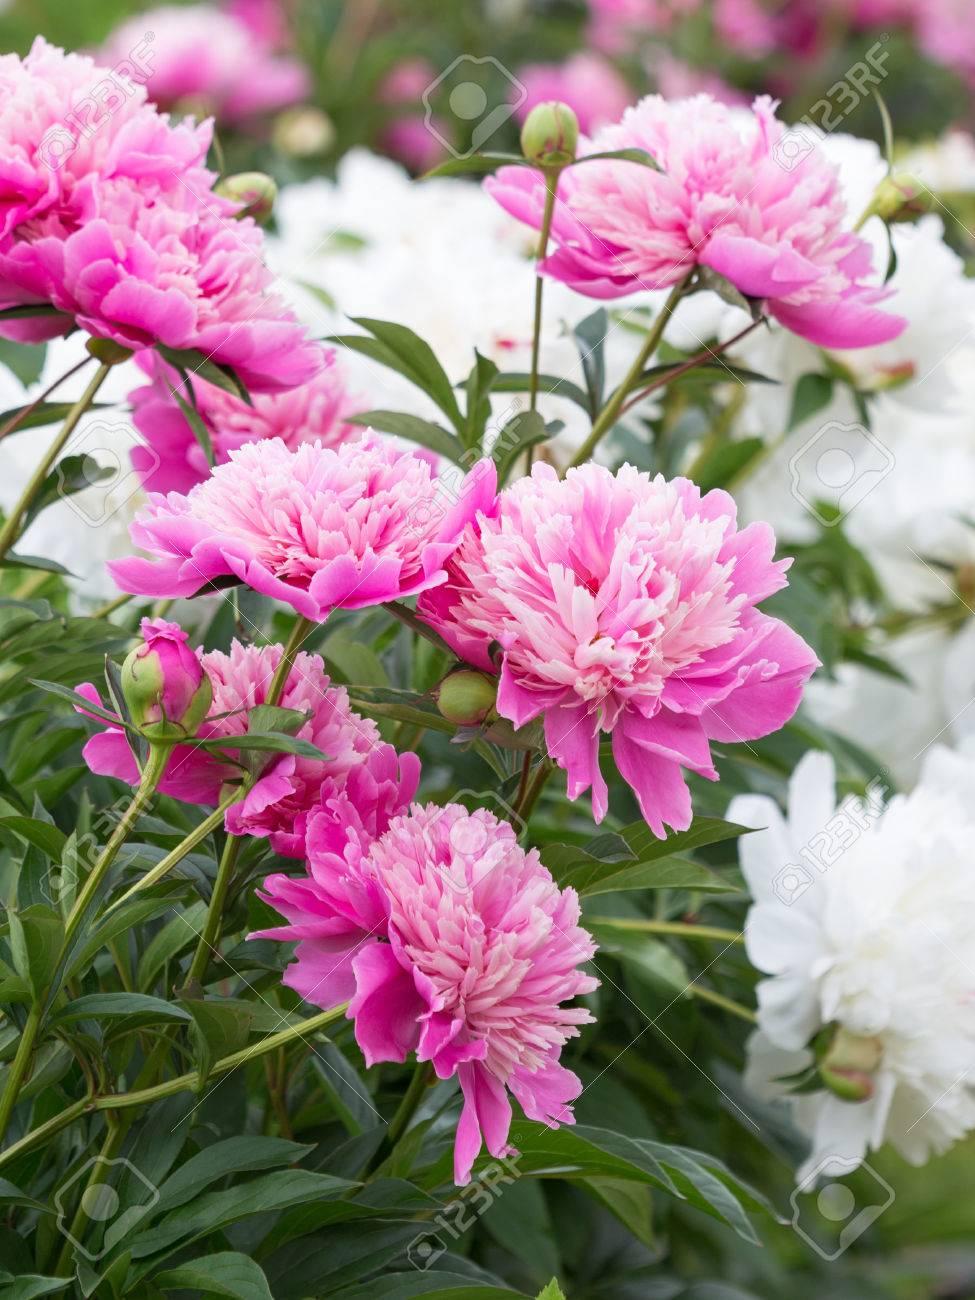 Schöne Blumen Pfingstrosen Garten Mit Leuchtend Rosa Und Weißen